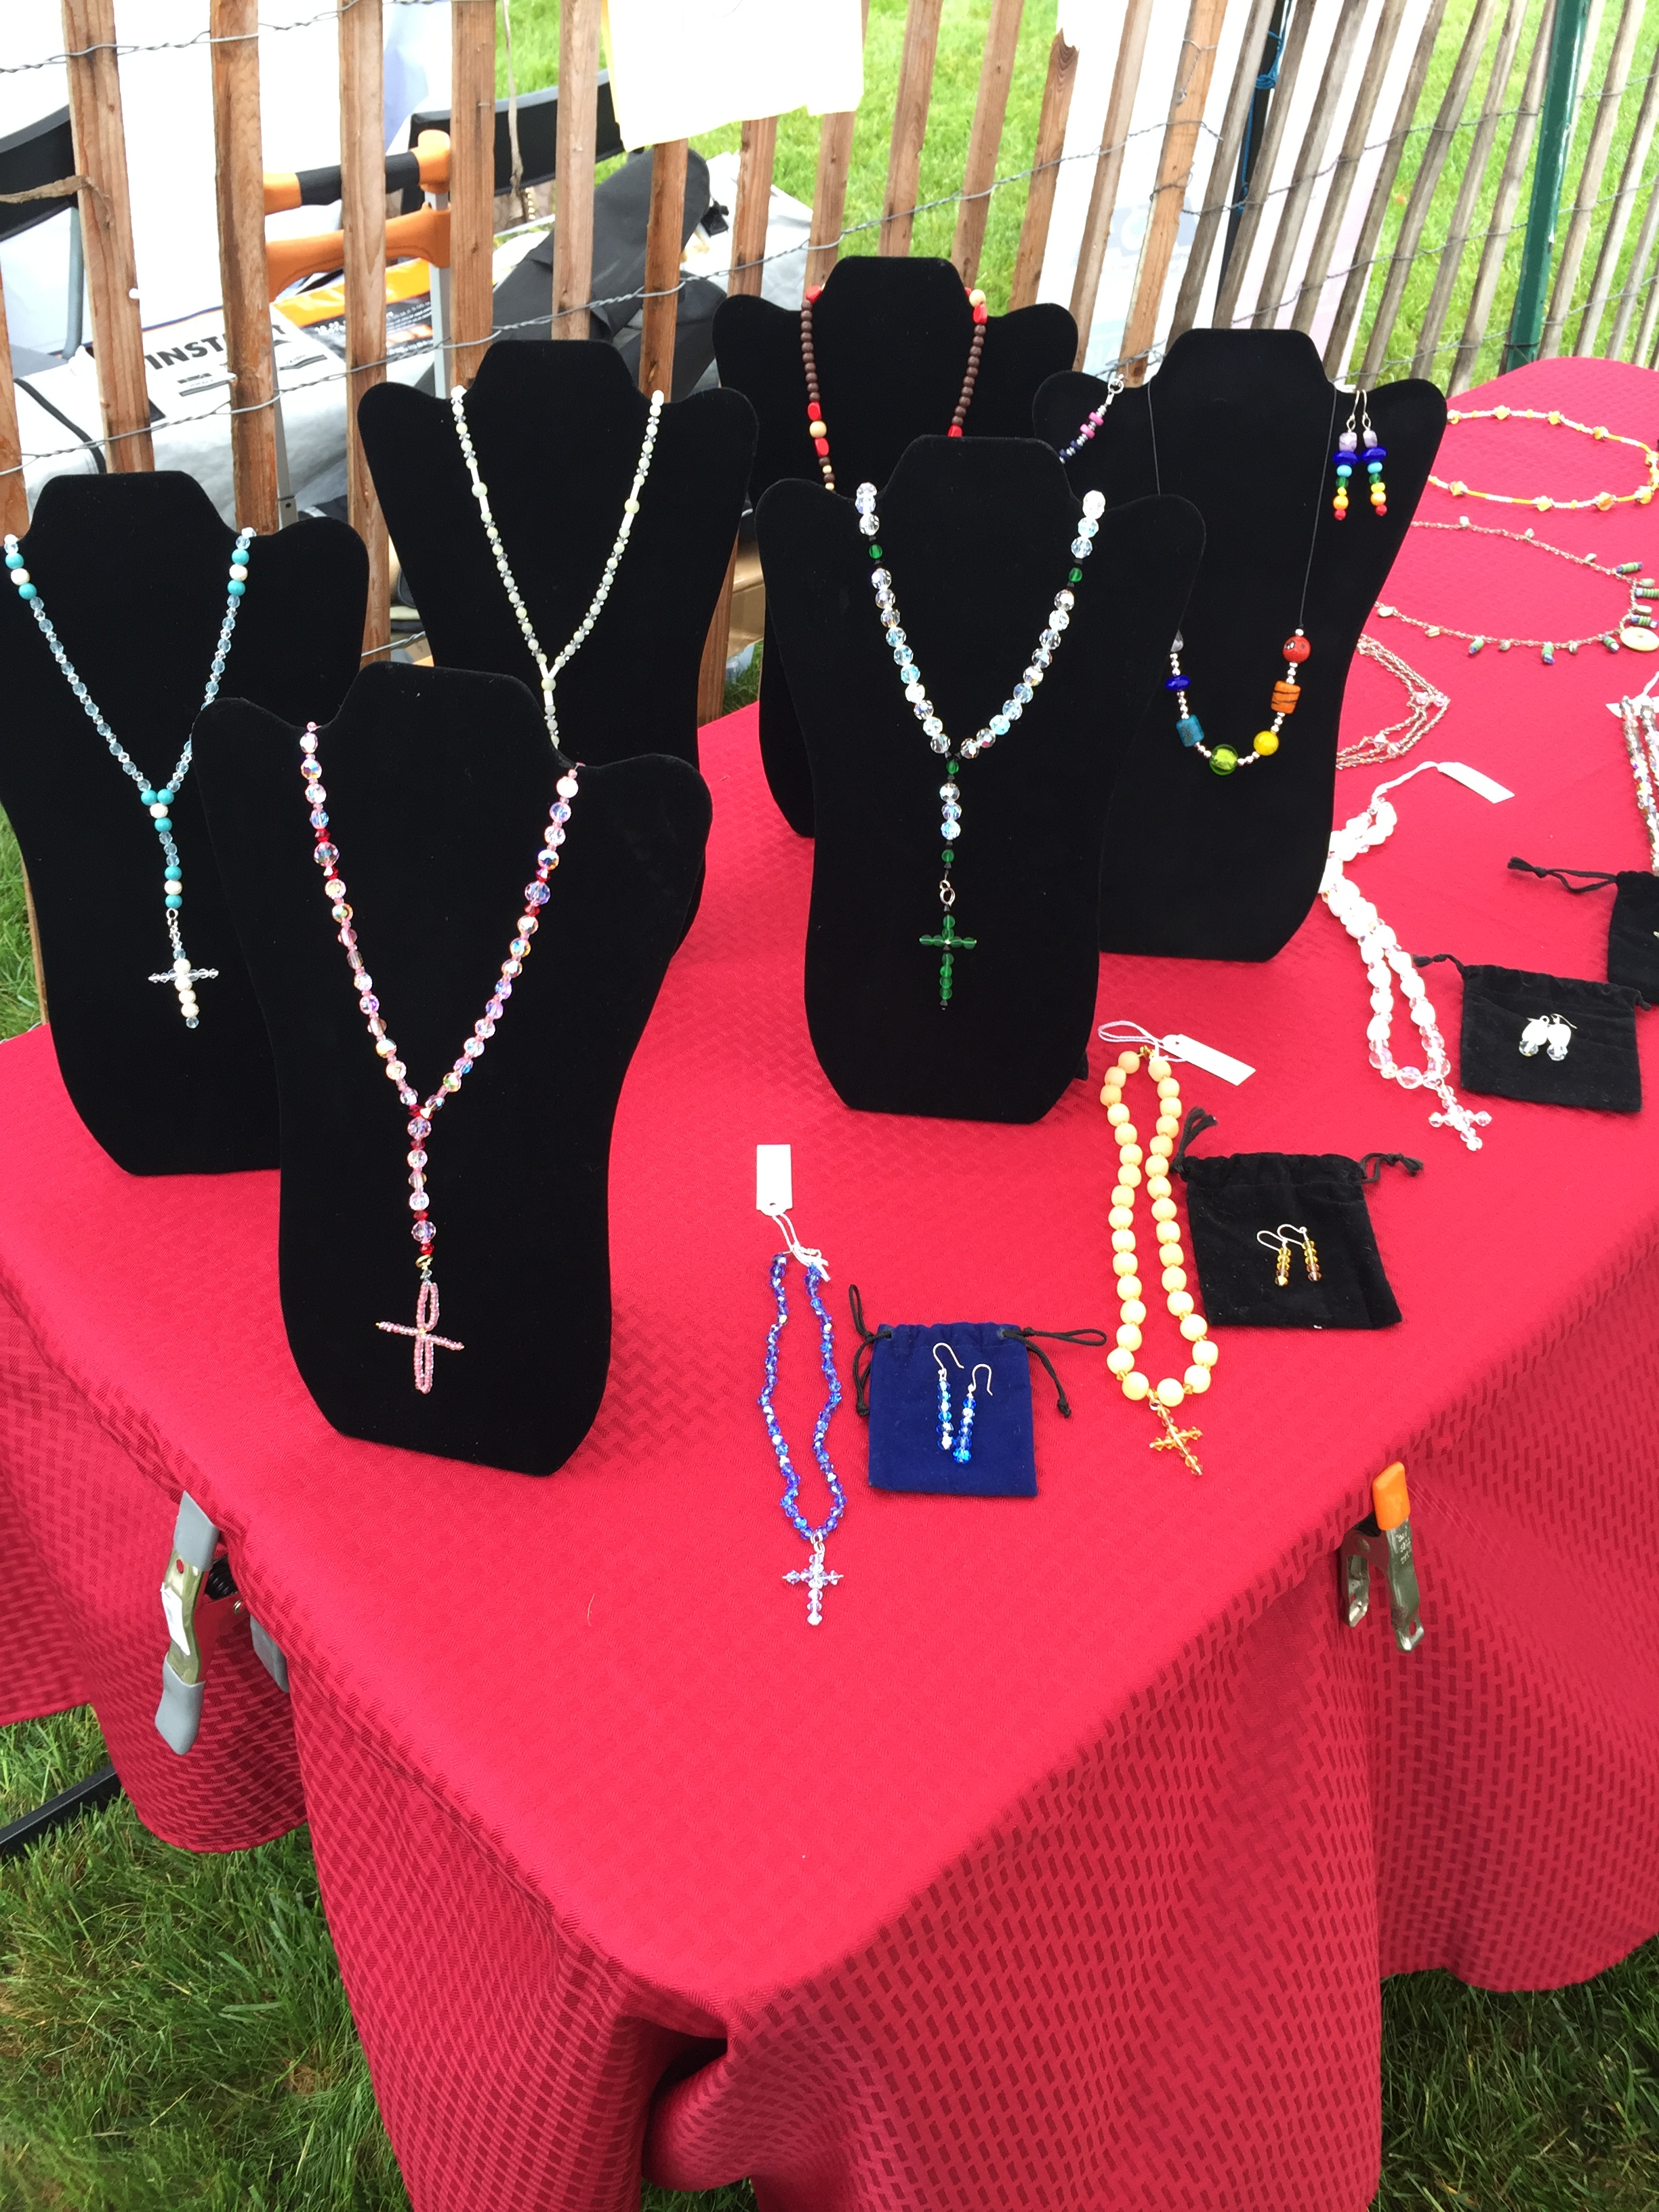 Piscataway Annual Str Fair